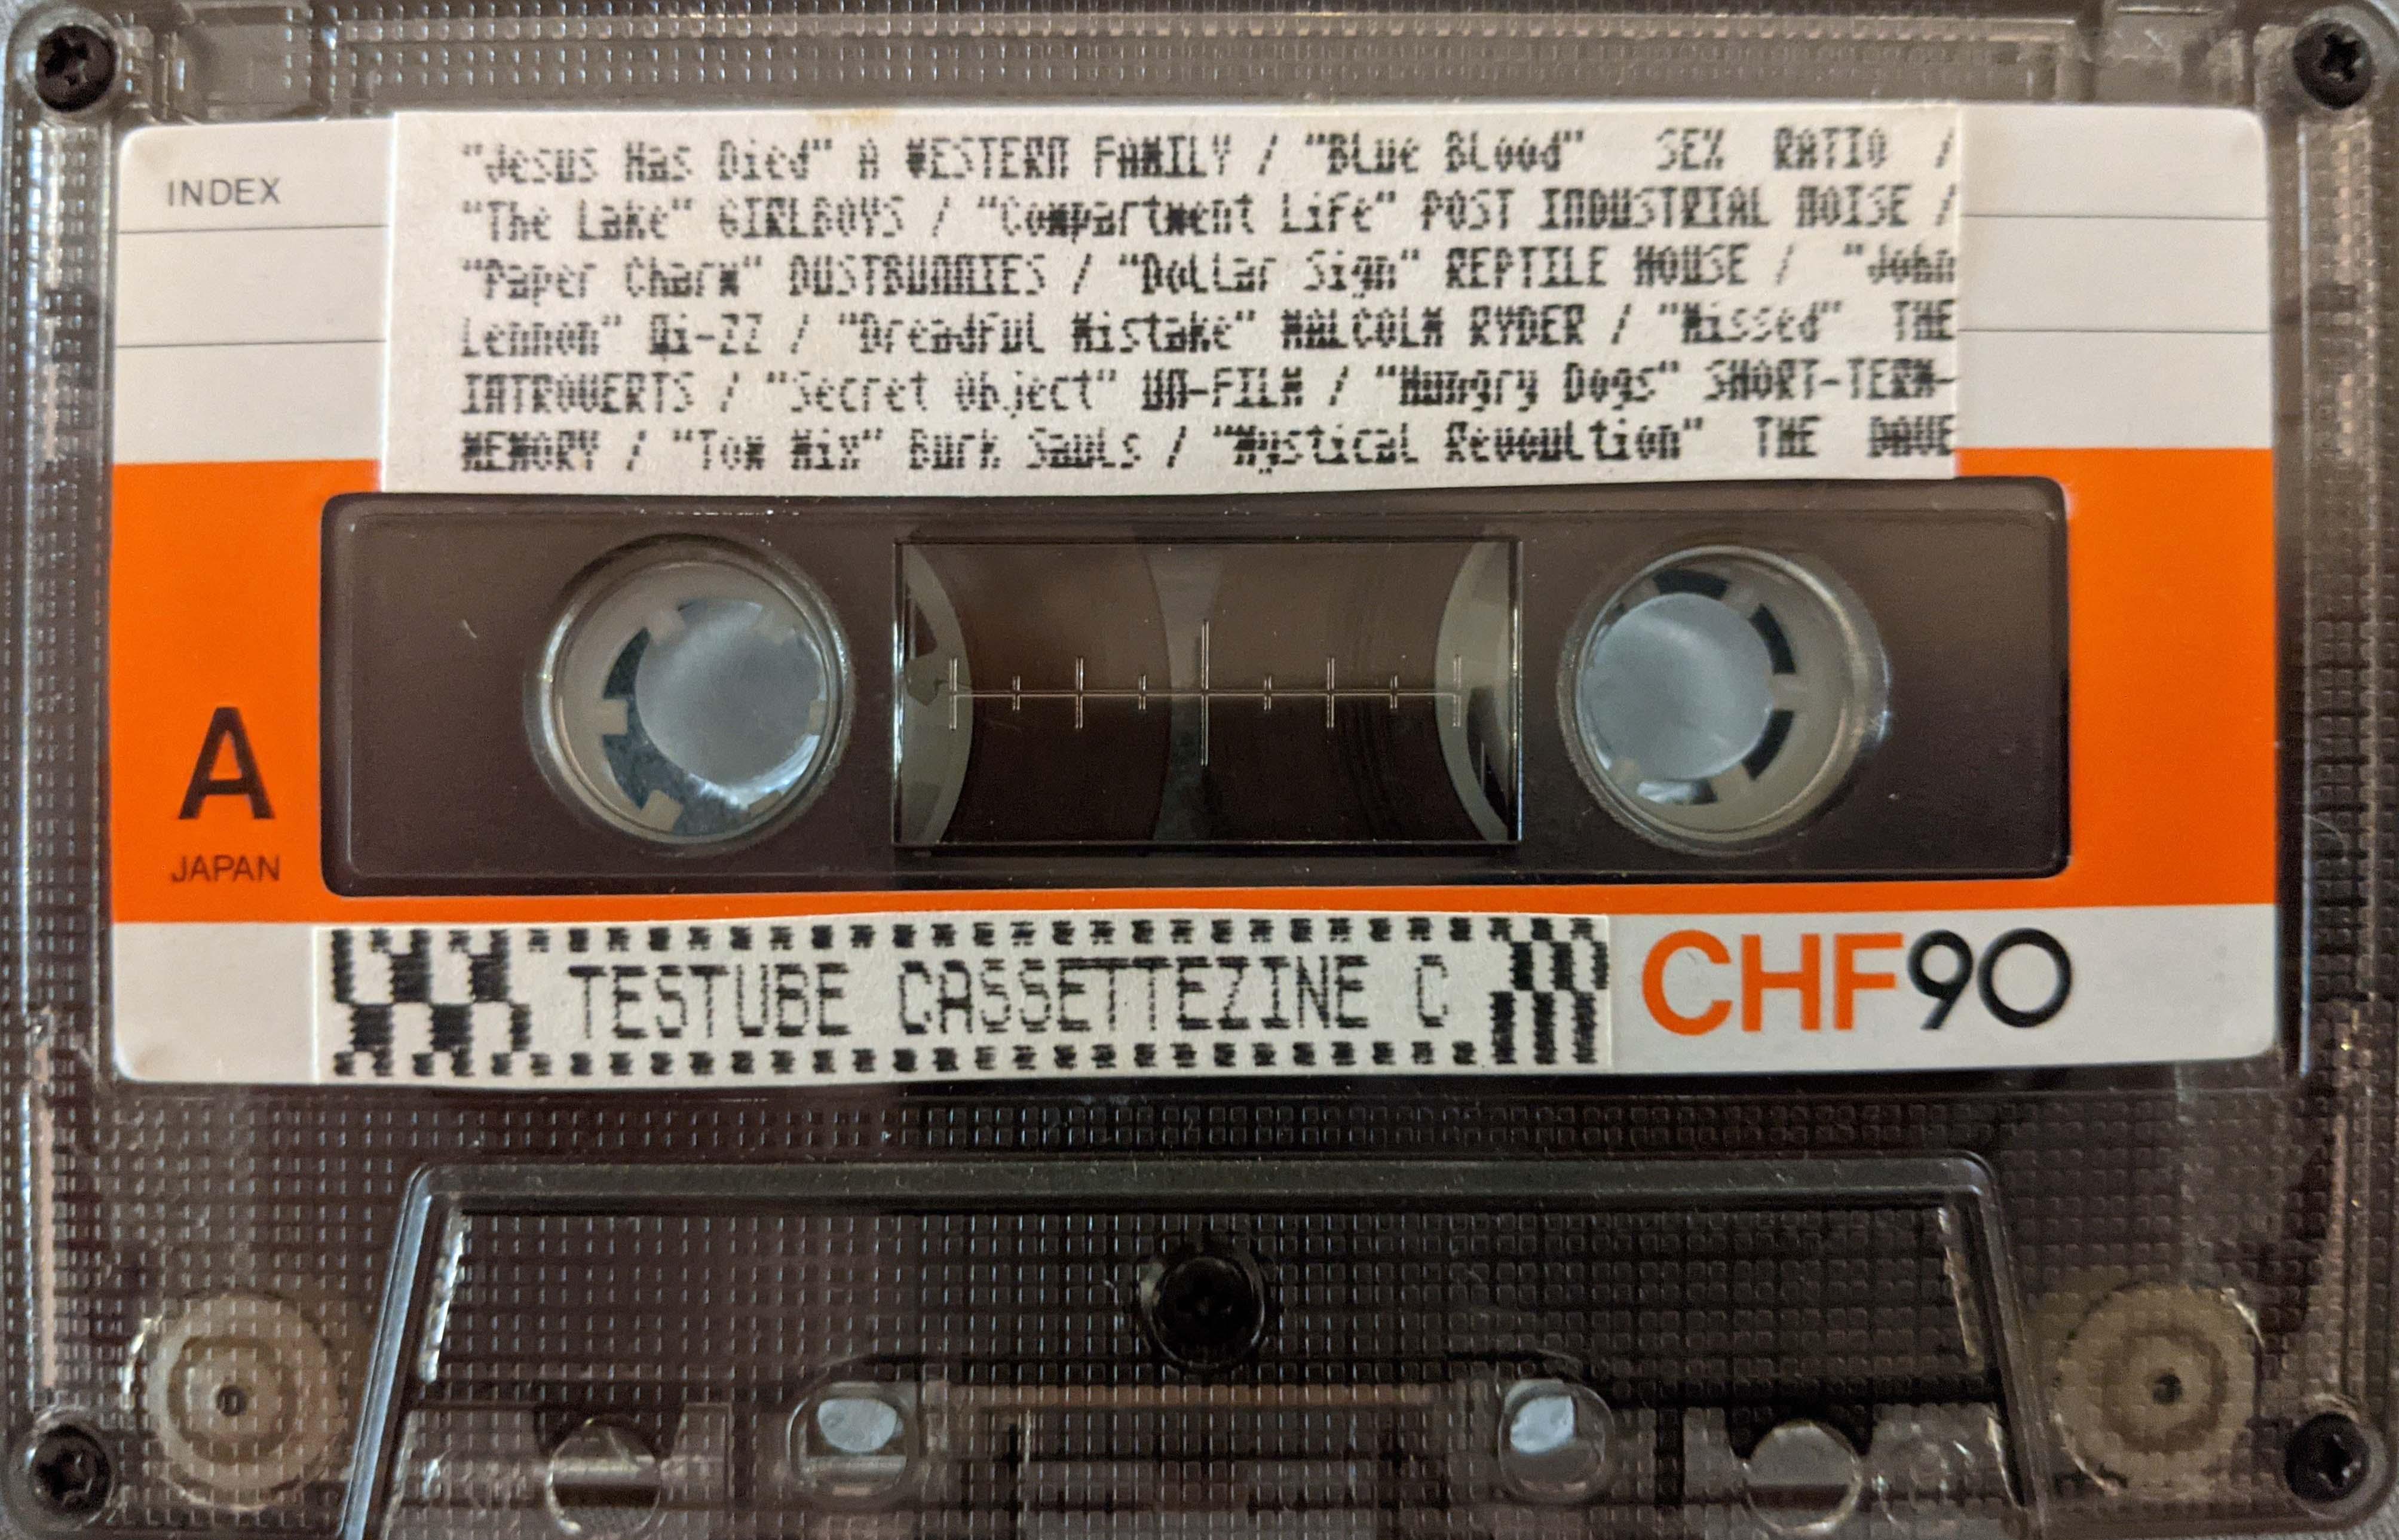 Testube Cassettezine C